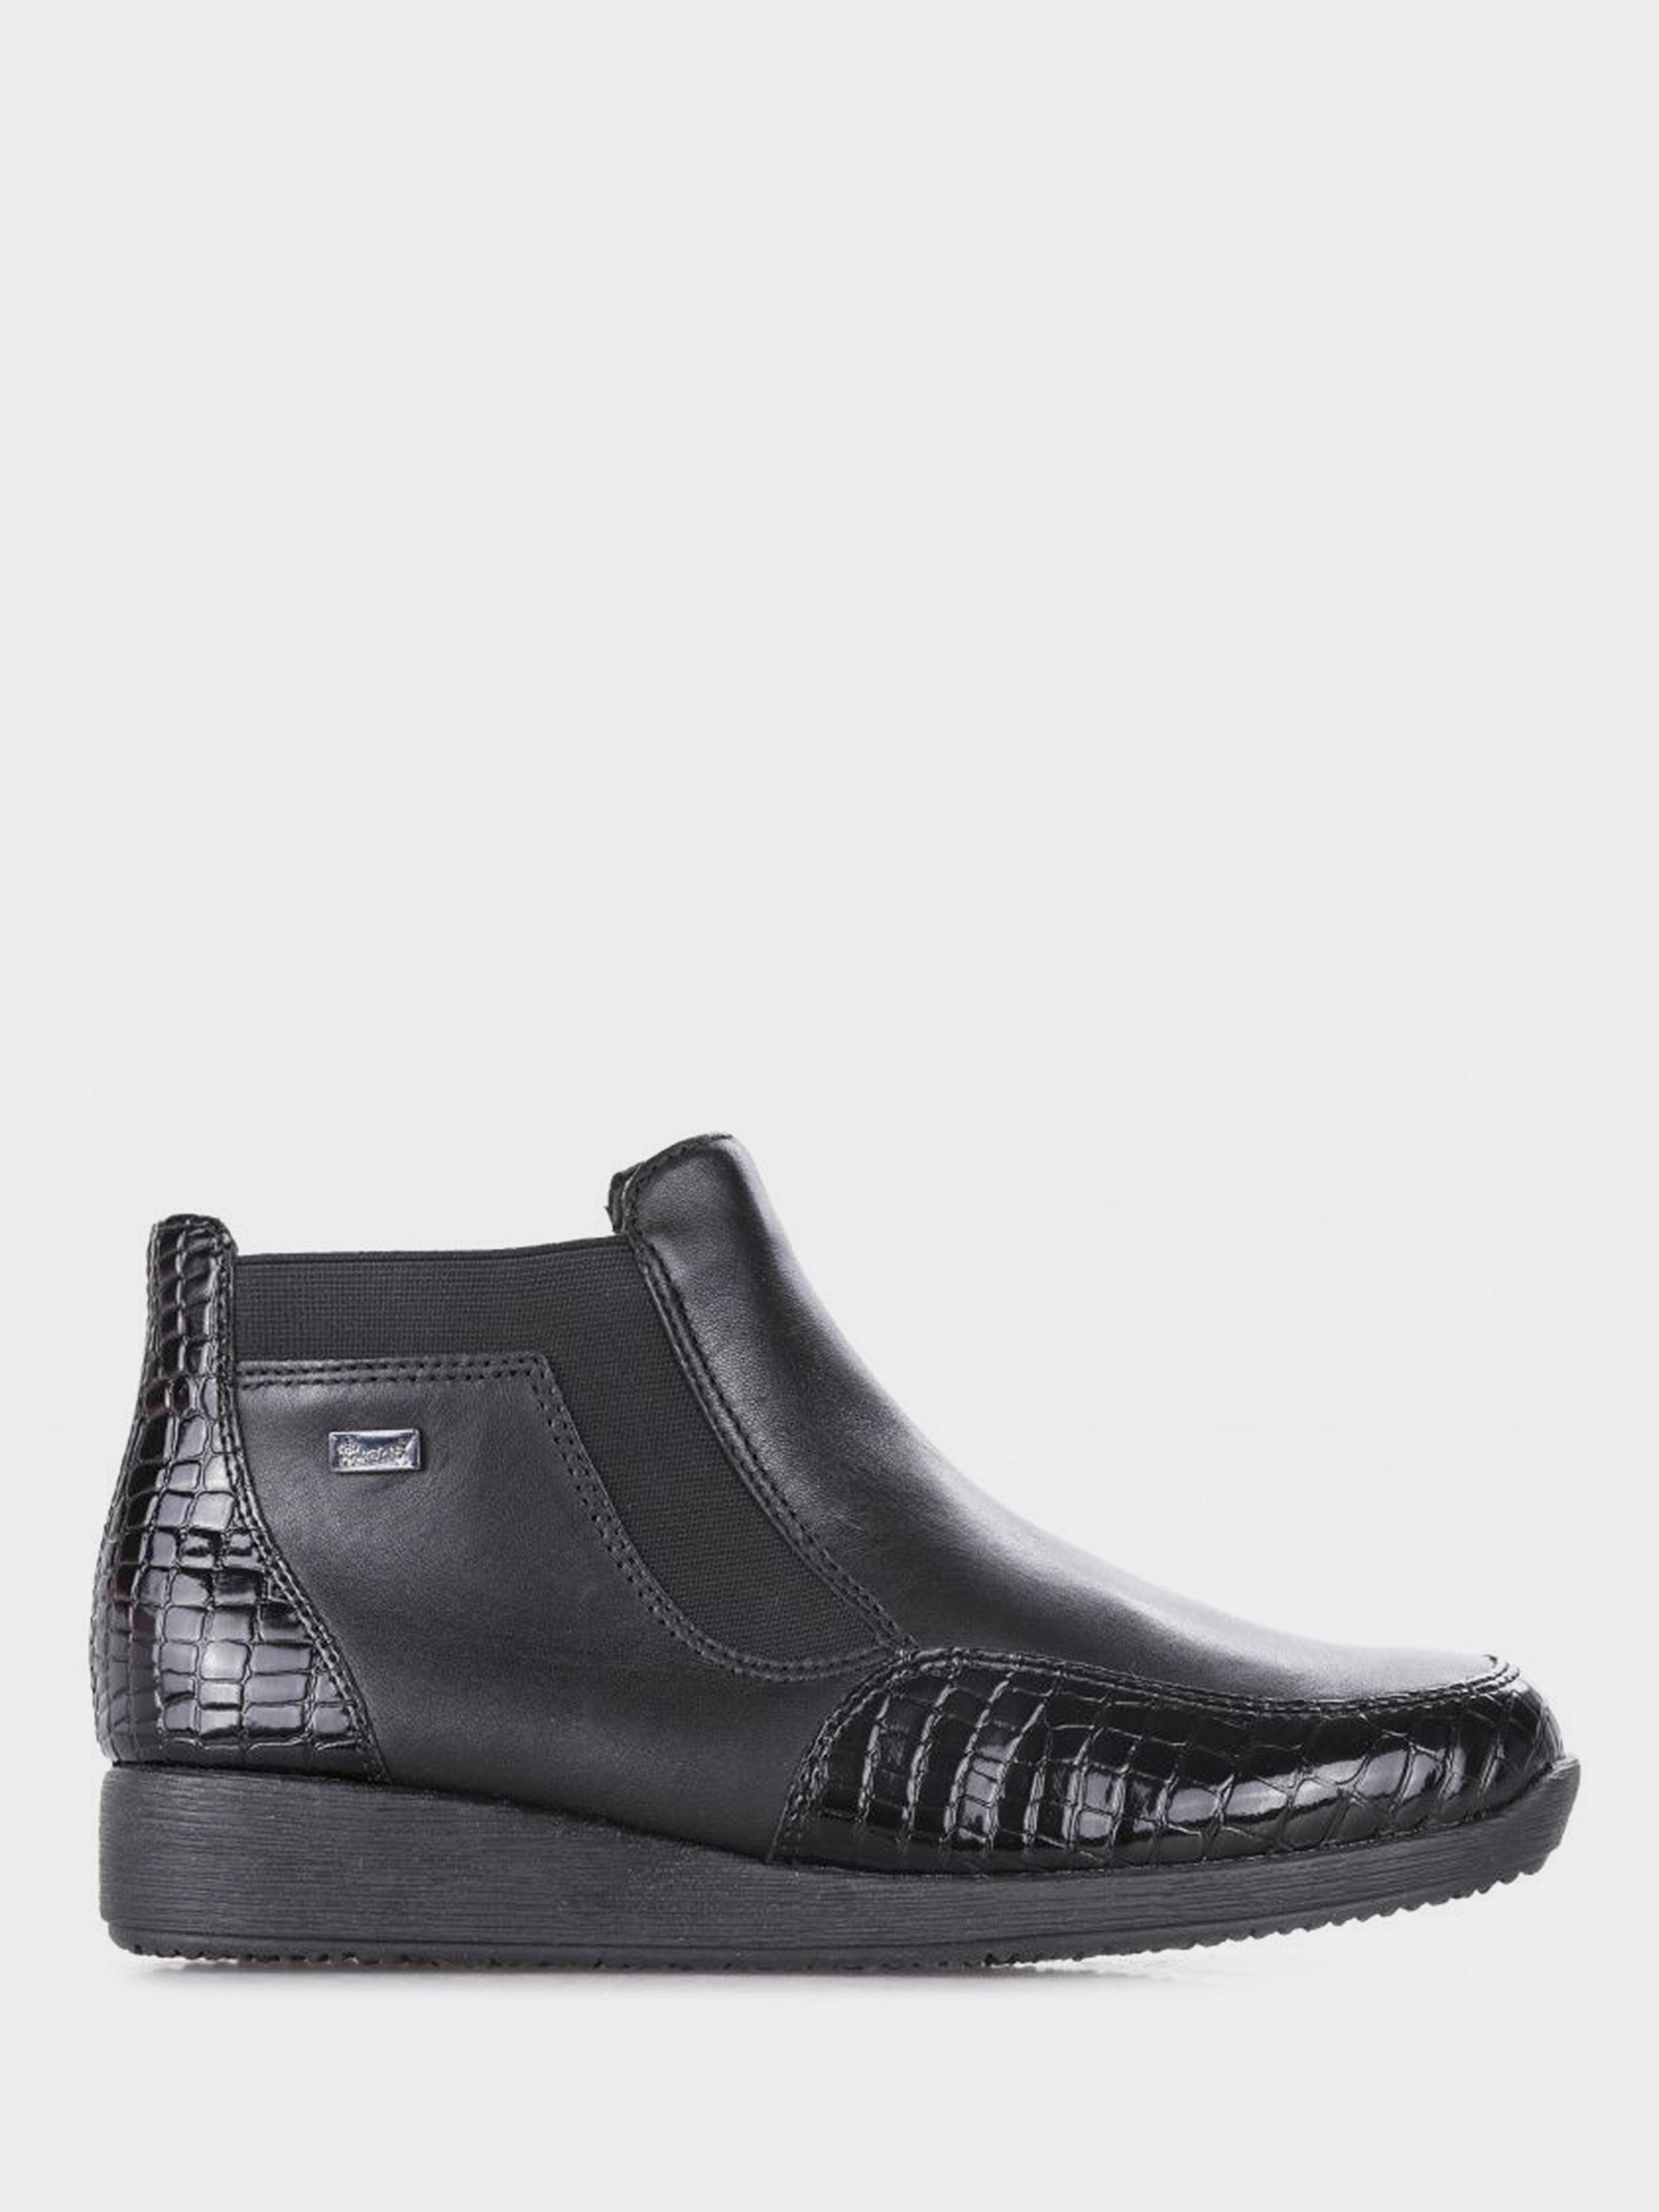 Купить Ботинки женские RIEKER RW1144, Черный